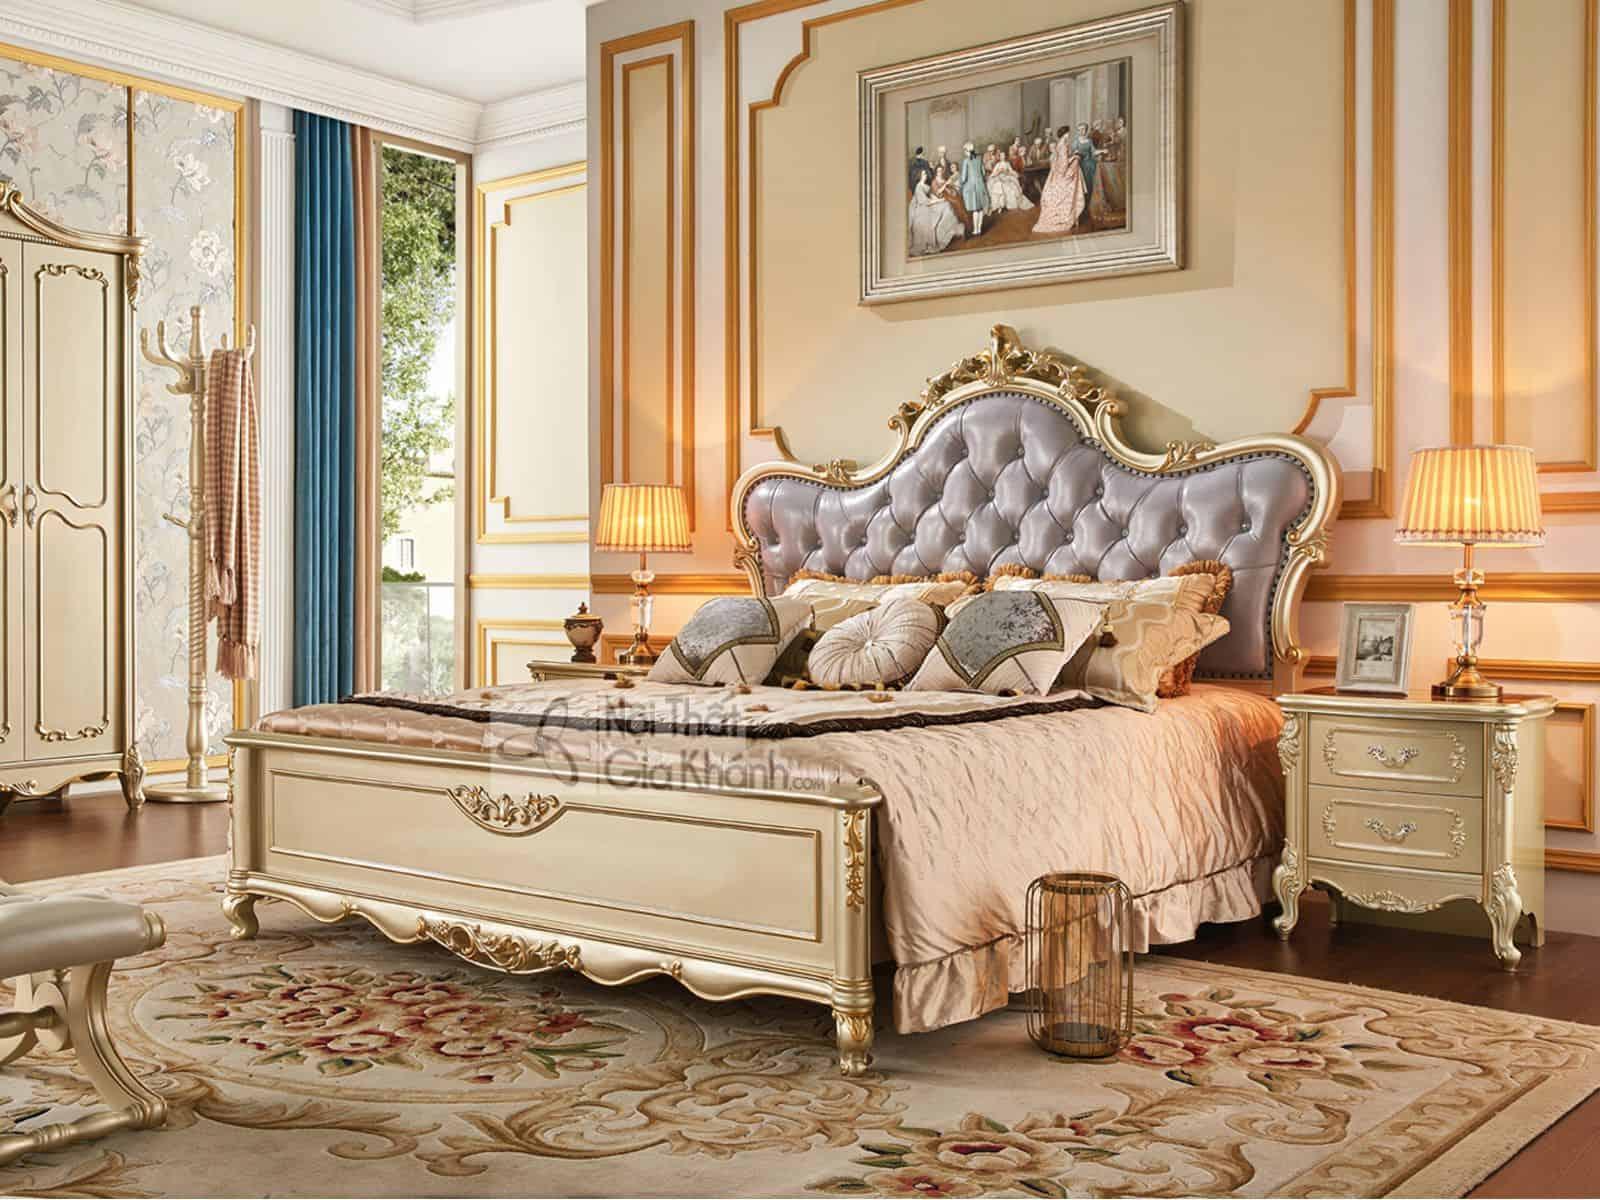 giuong ngu go soi nhap khau gk8835al 2 - Táp gỗ đầu giường phong cách Tân cổ điển TA8802A (Mẫu mới nhất)